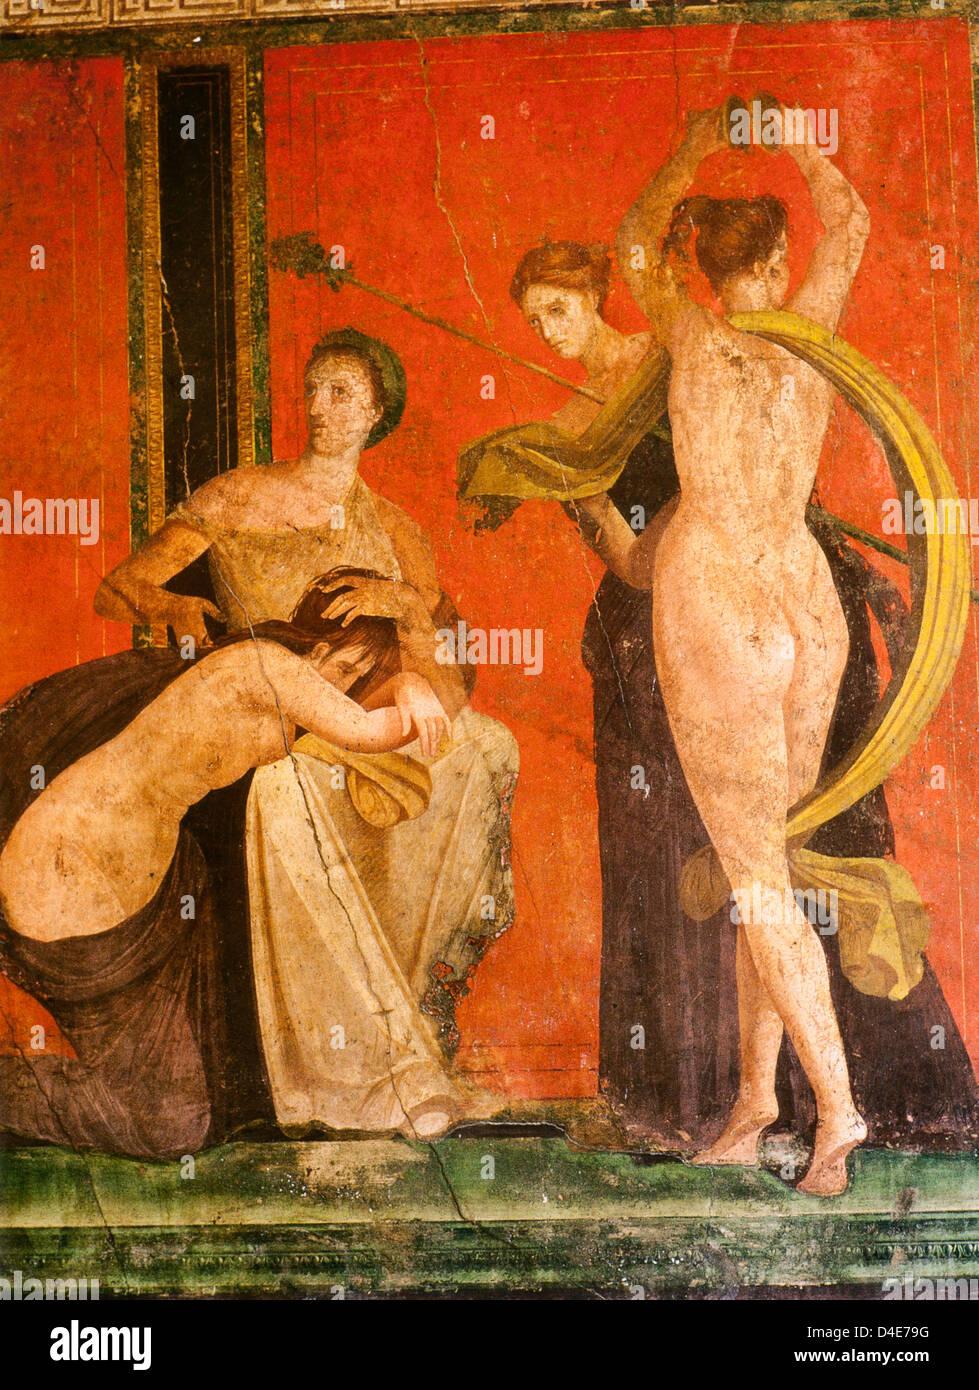 Pompeii (Italy)'Dionysiac initiation (detail)  c. 70 B.C.E. Fresco, Villa of the Mysteries, Pompeii - Stock Image